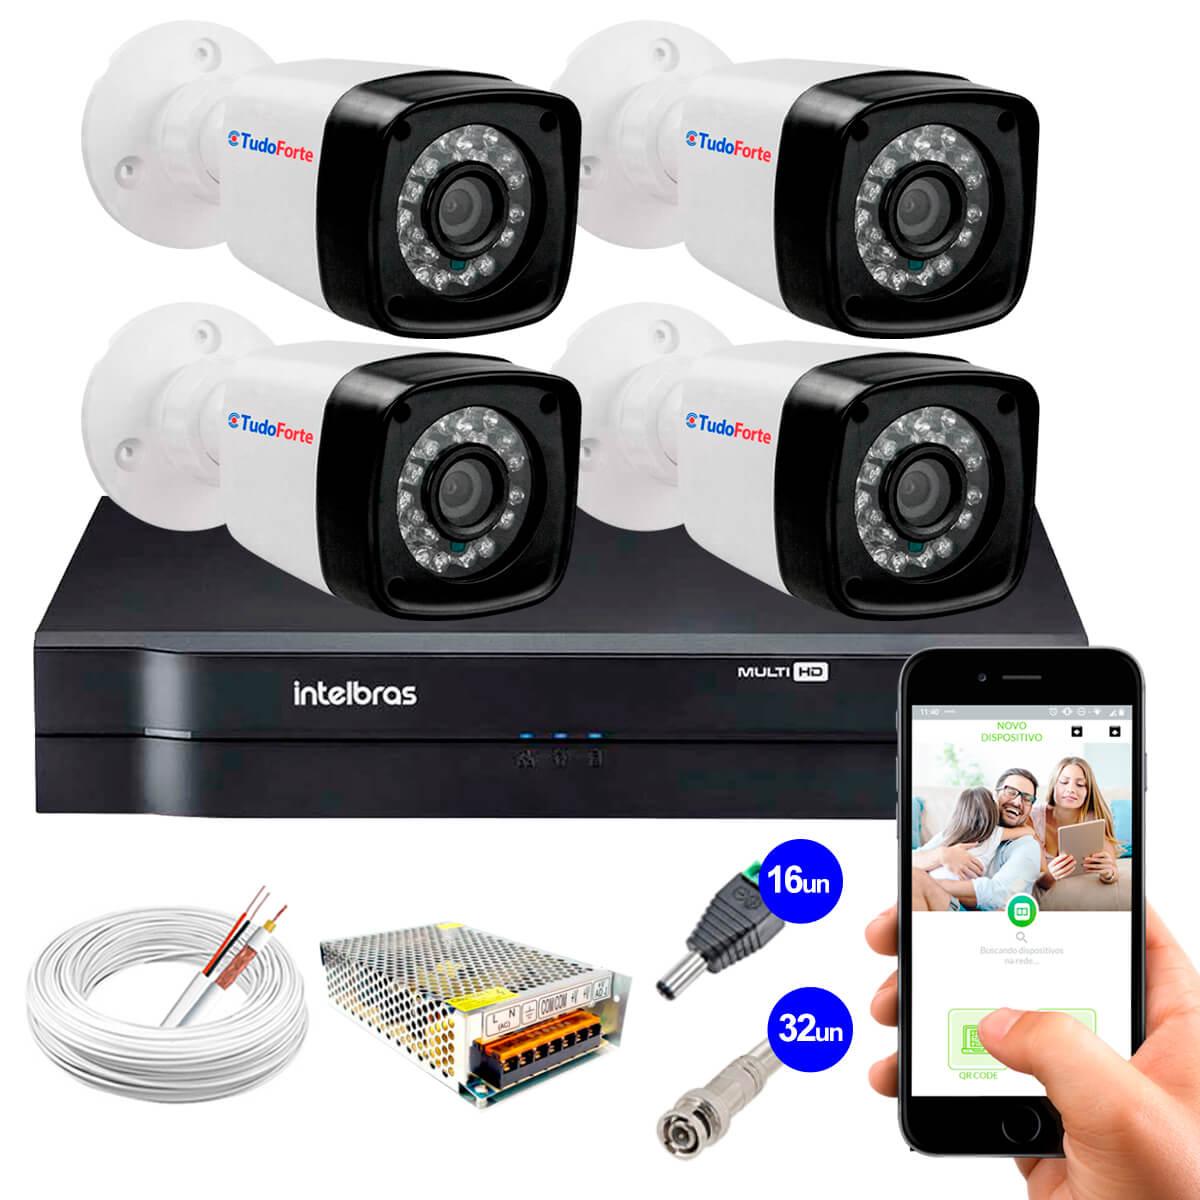 Kit Câmeras + DVR Intelbras + App Grátis de Monitoramento, Câmeras HD 720p 20m Infravermelho de Visão Noturna + Fonte, Cabos e Acessórios  - Tudo Forte